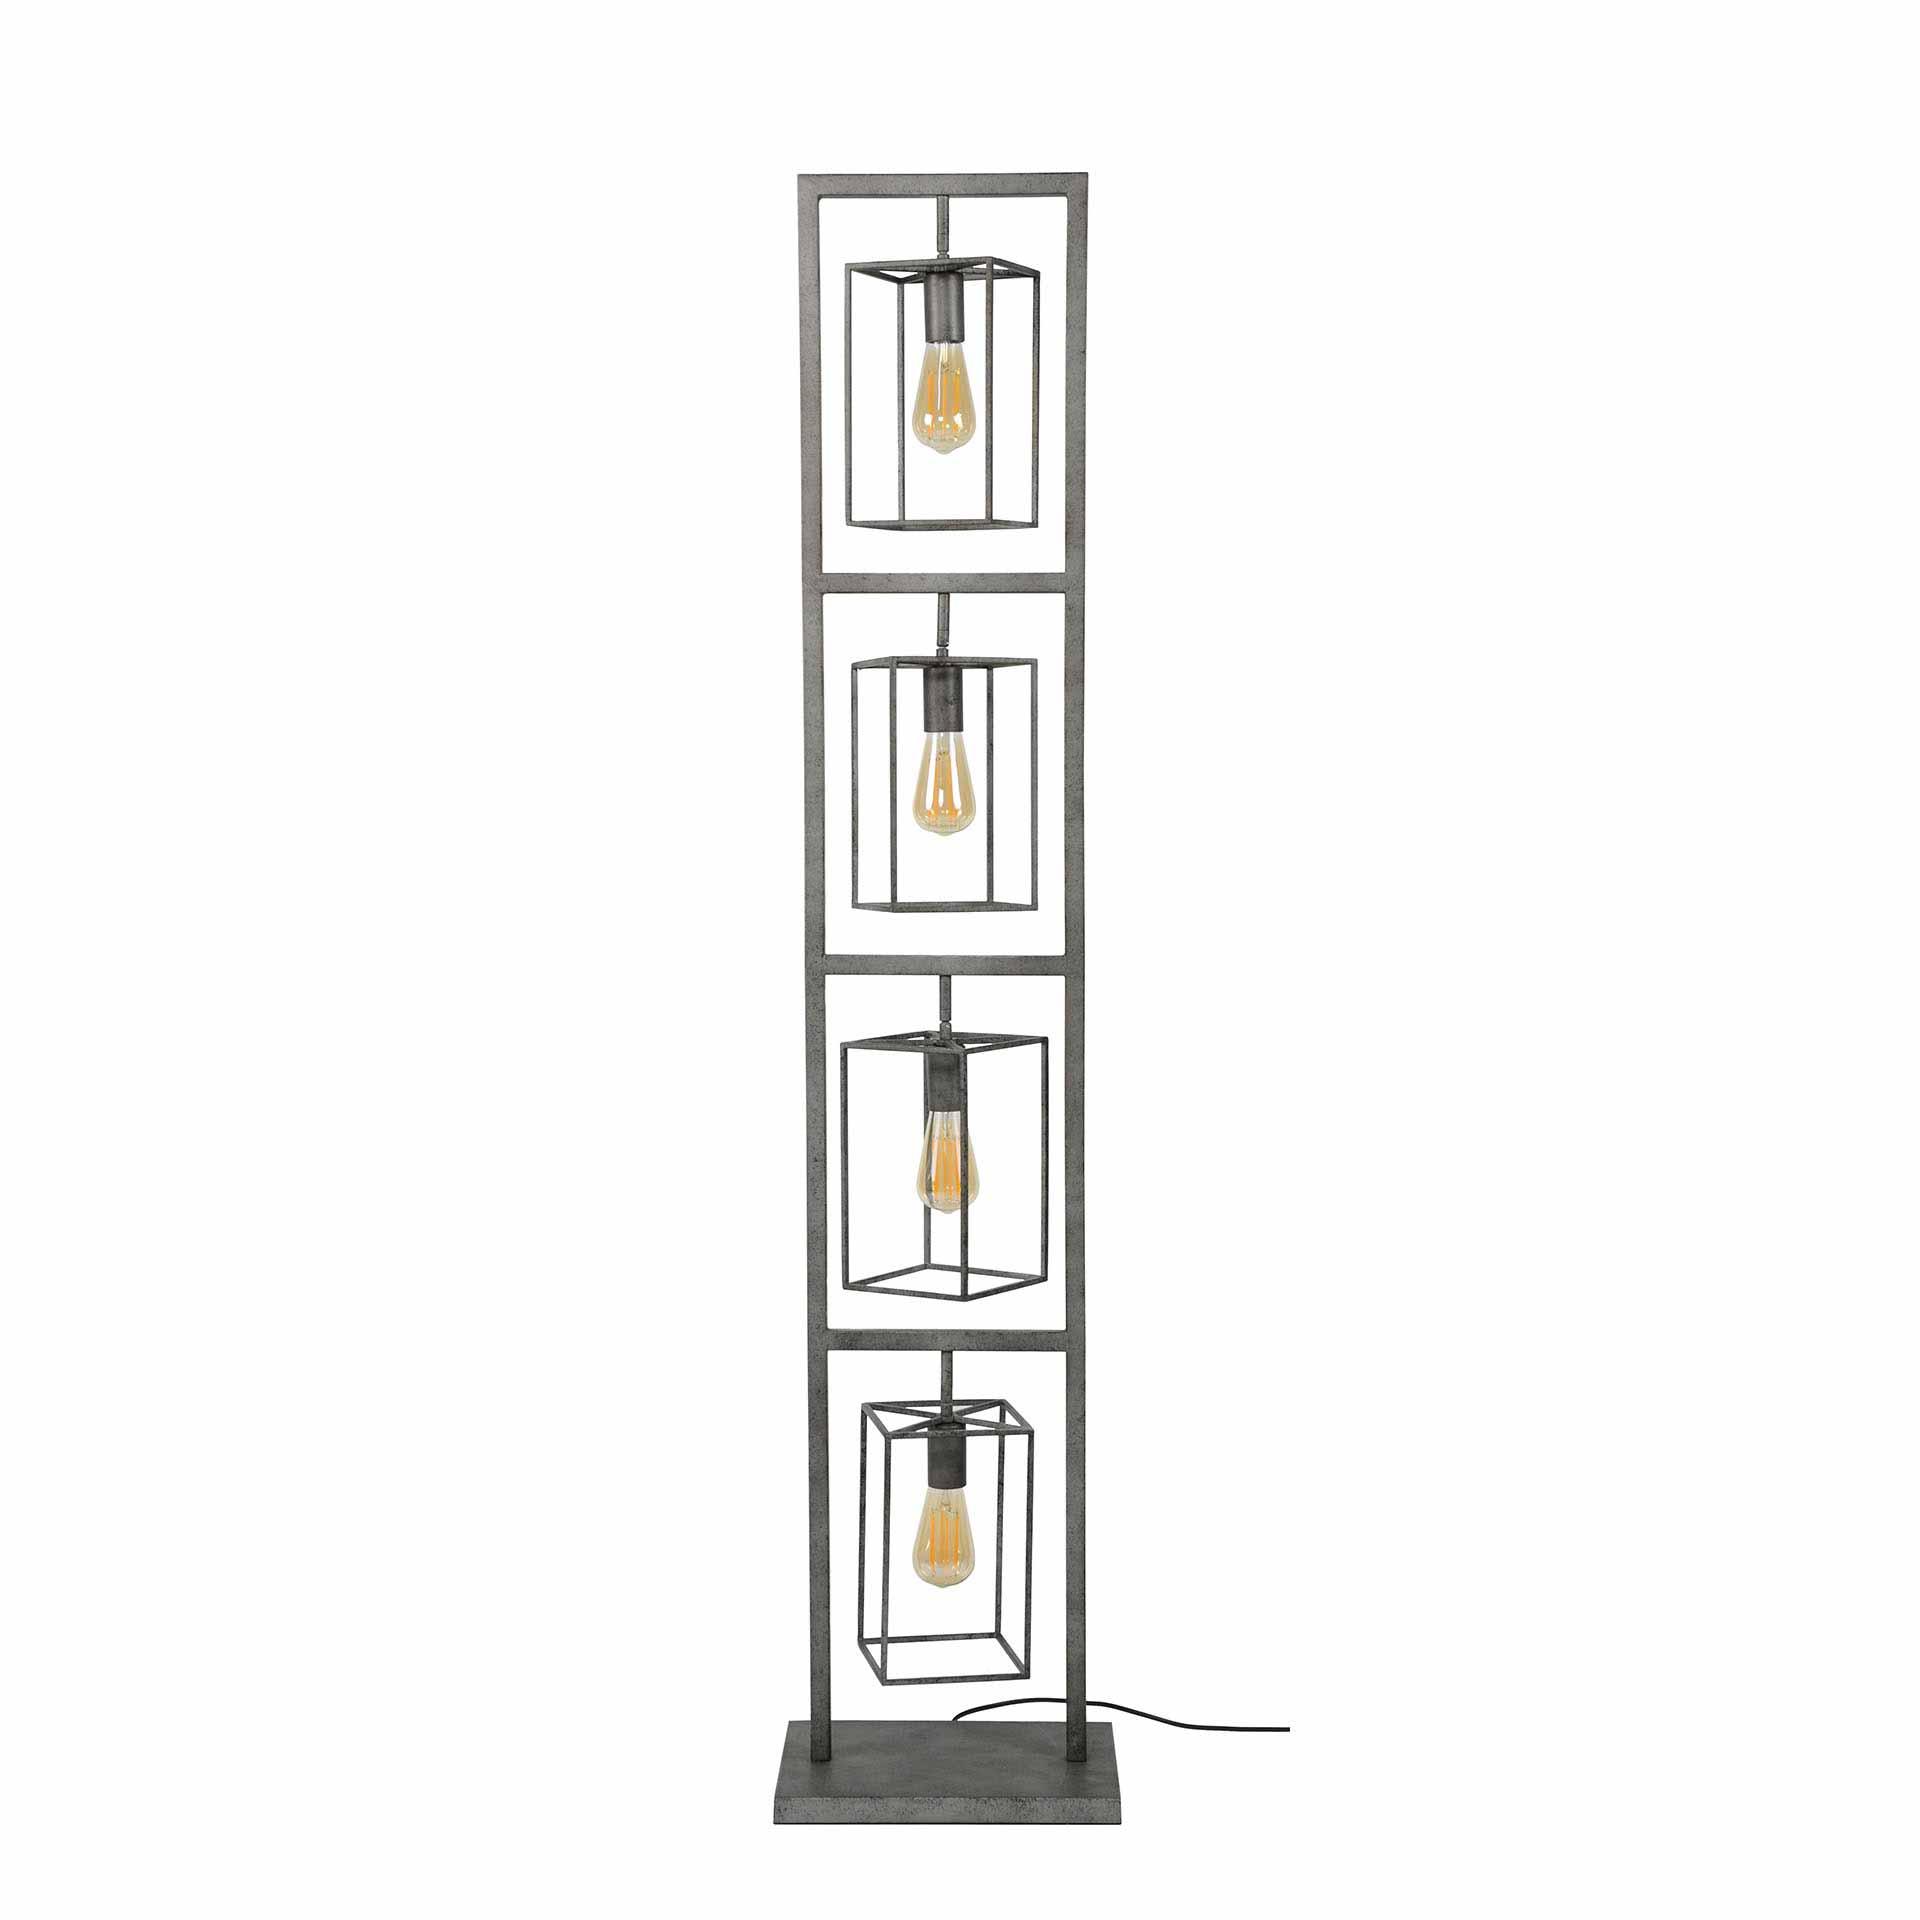 Furbo Furbo Gulvlampe - Patineret Sølv Stål, M. 4 Lamper Belysning